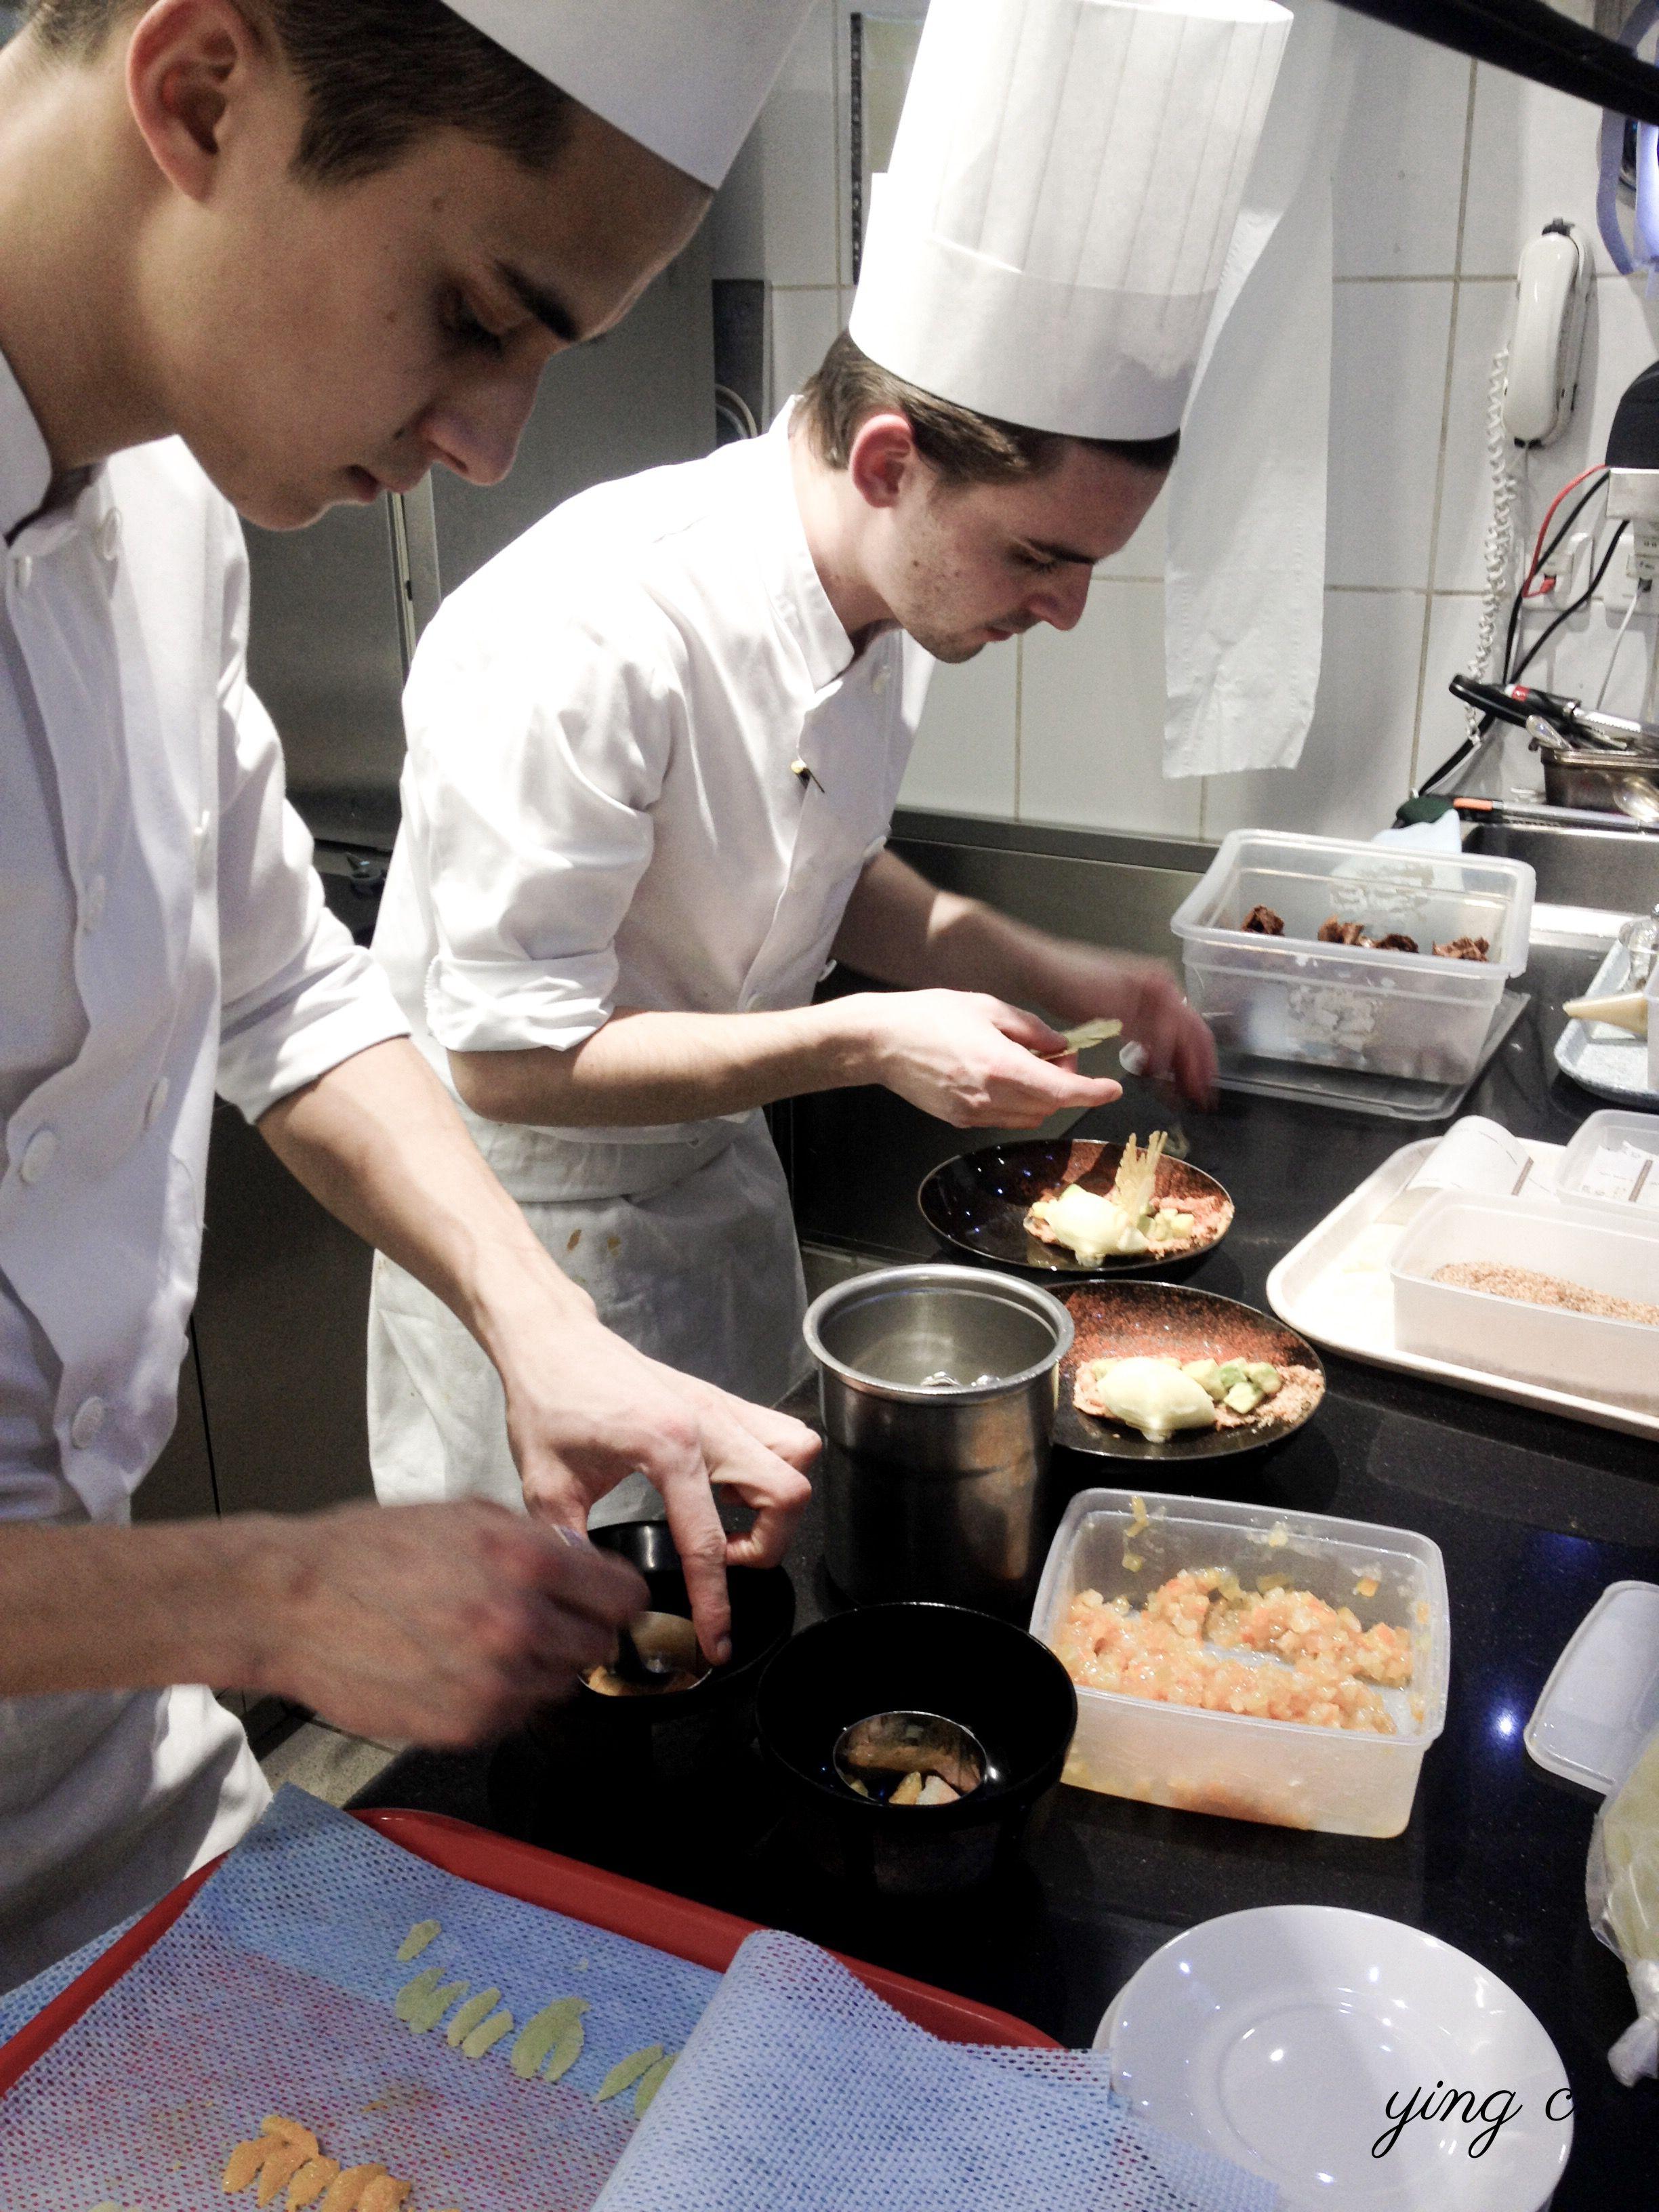 我在  Le Meurice  實習的時候,大部分時間都在「tour」和「Dali」小組,所以在即將結束實習時,當時的副主廚  Maxime Frédéric  特別幫我安排一個晚上去負責  Le Meurice Alain Ducasse  餐廳的「gastro」小組見習,看他們在晚餐期間如何出餐服務。照片中的兩位甜點人,右邊是當時 gastro 的小組長  Thibault ,現在是倫敦  Alain Ducasse at The Dorchester  餐廳的甜點主廚;左邊的  Ariitea  當時還是初階甜點師,現在則是 Le Meurice 的甜點副主廚,也是  Cédric Grolet  主廚團隊中的重要人物,將來會跟著後者一起去  Cédric Grolet Opéra  新店。